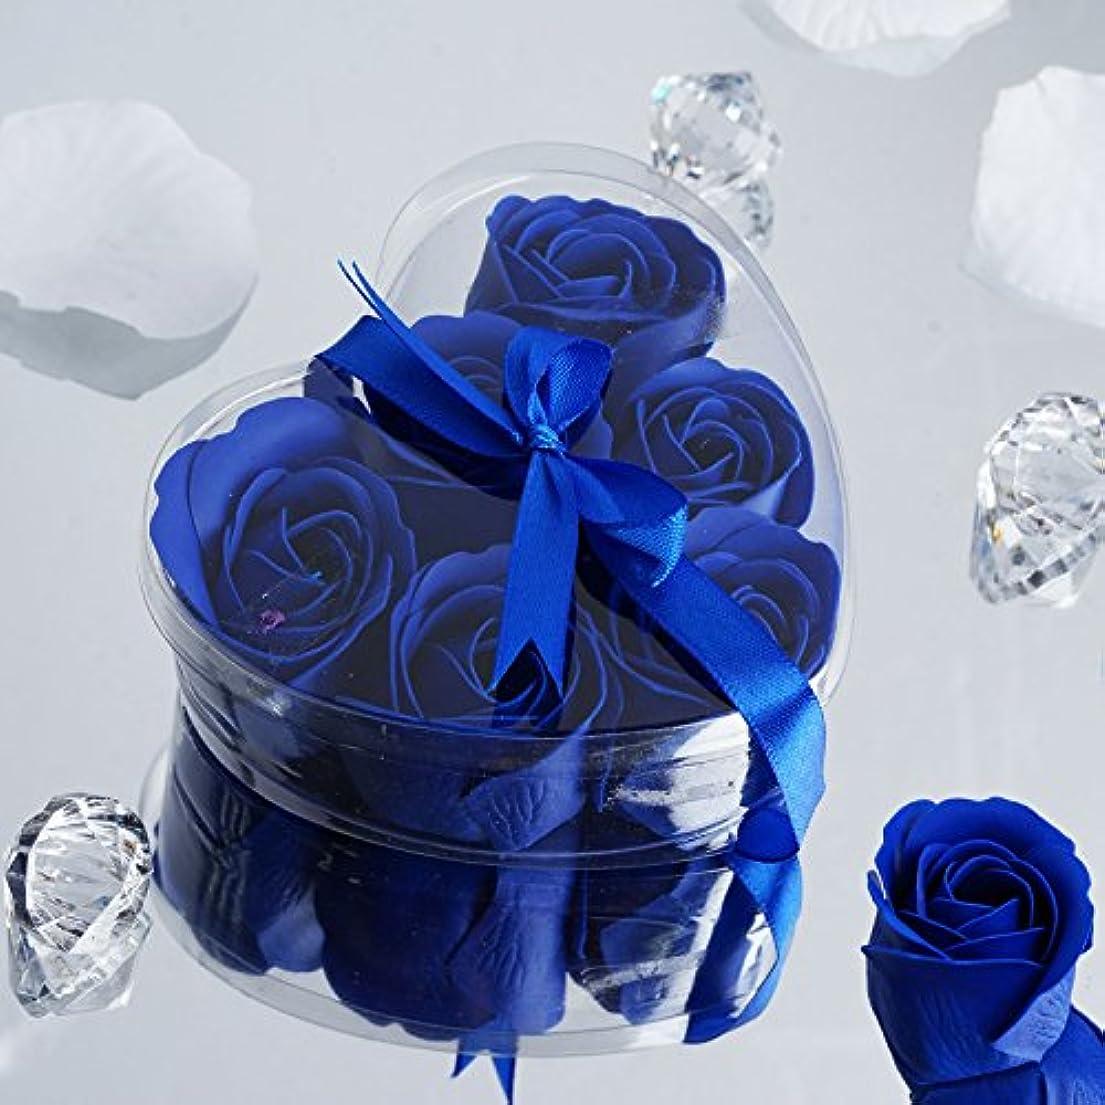 靴下組み立てるのみBalsaCircle 100ギフトボックス6付きローズソープ – 結婚式の贈り物 ブルー FAV_SOAP_ROY@100